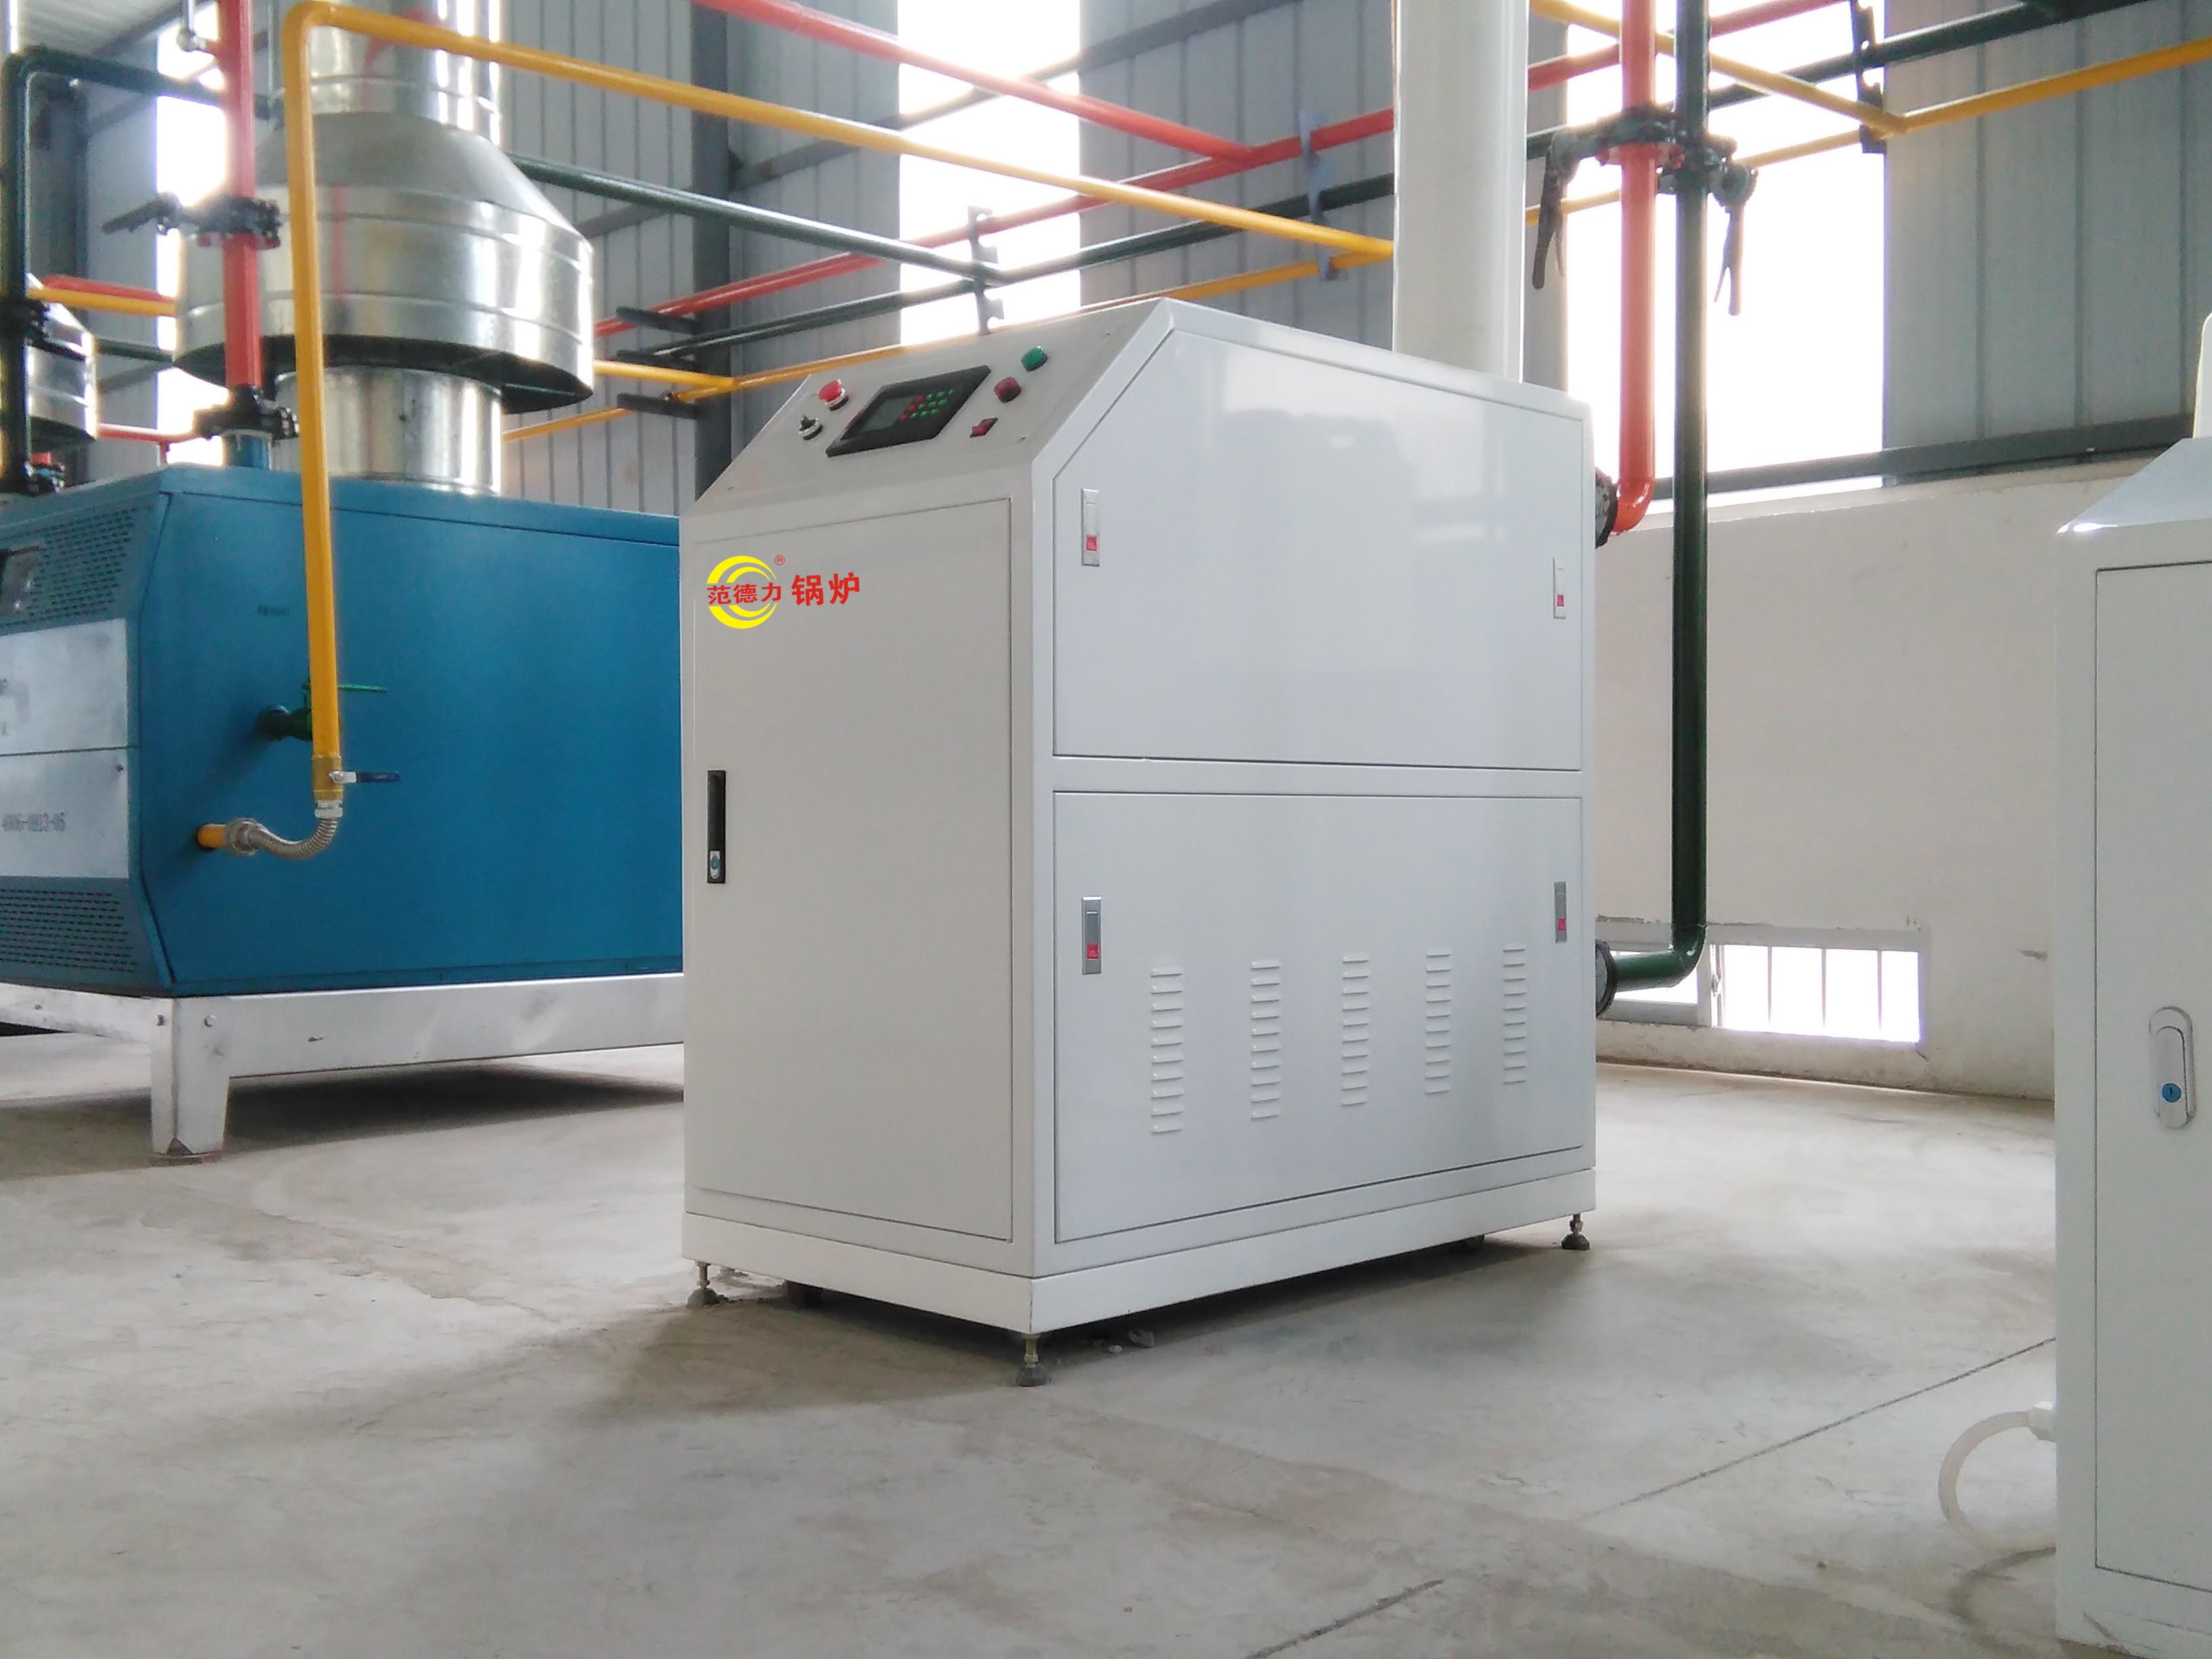 冷凝模块天然气锅炉系统耗气量